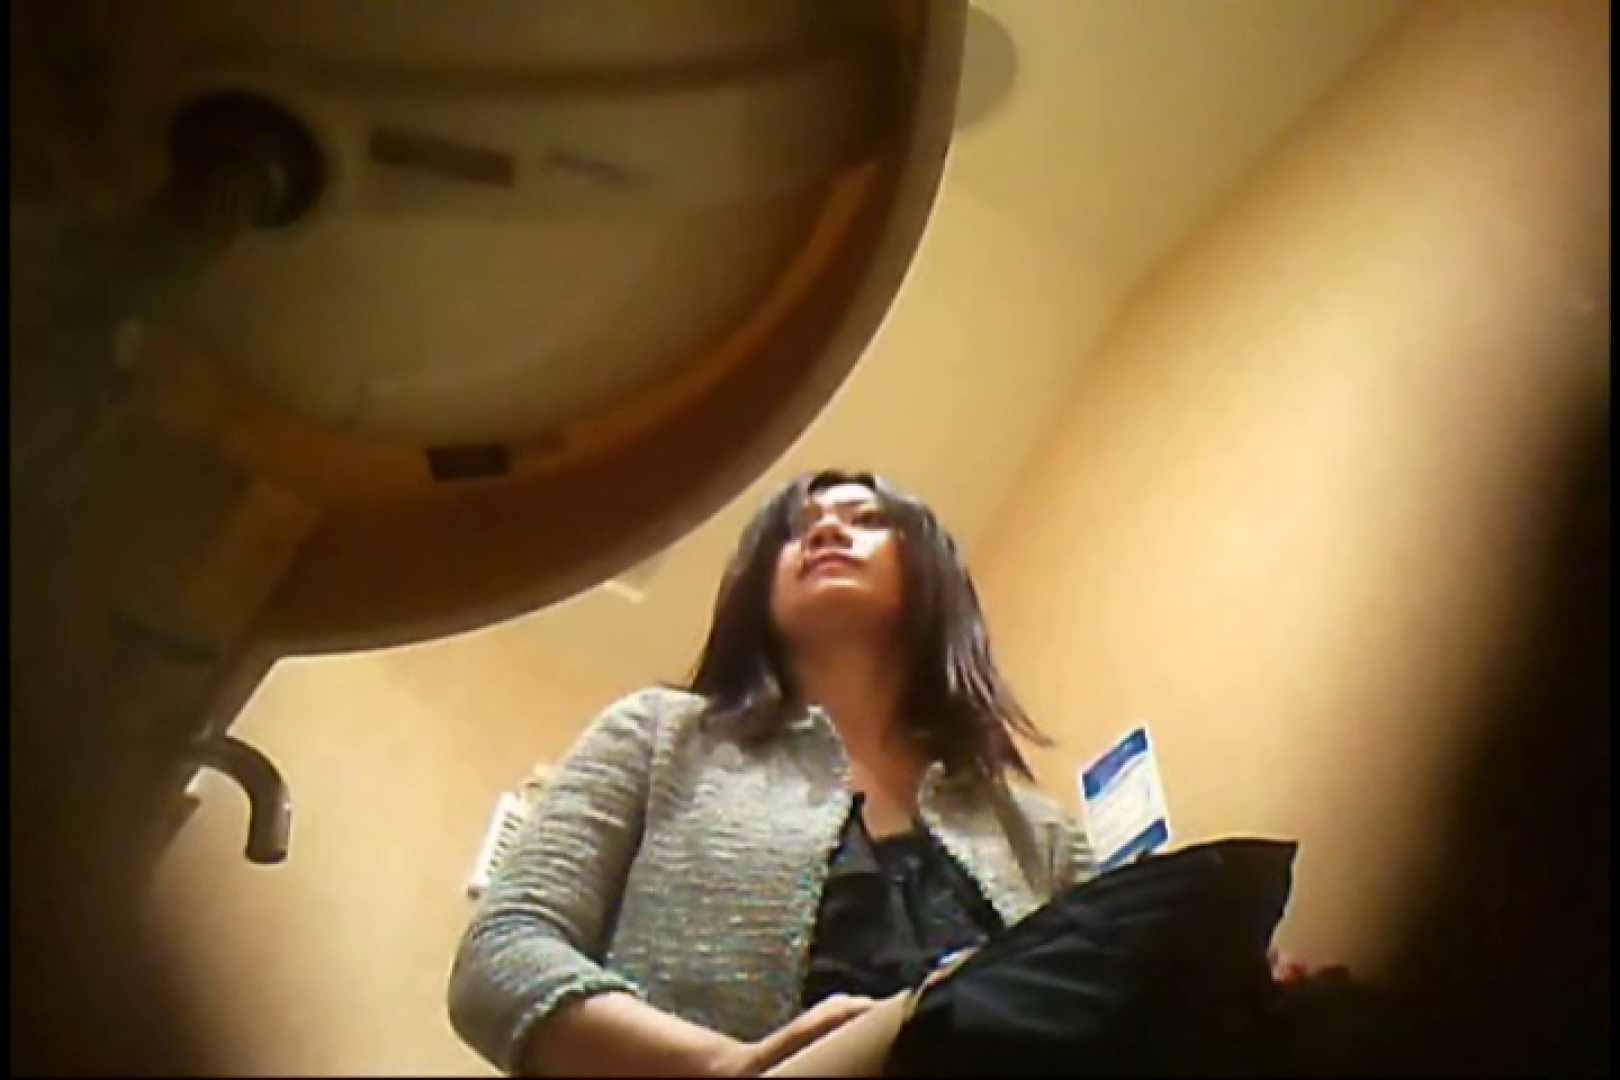 潜入!!女子化粧室盗撮~絶対見られたくない時間~vo,62 熟女のエロ動画 | お姉さんのエロ動画  81PIX 1